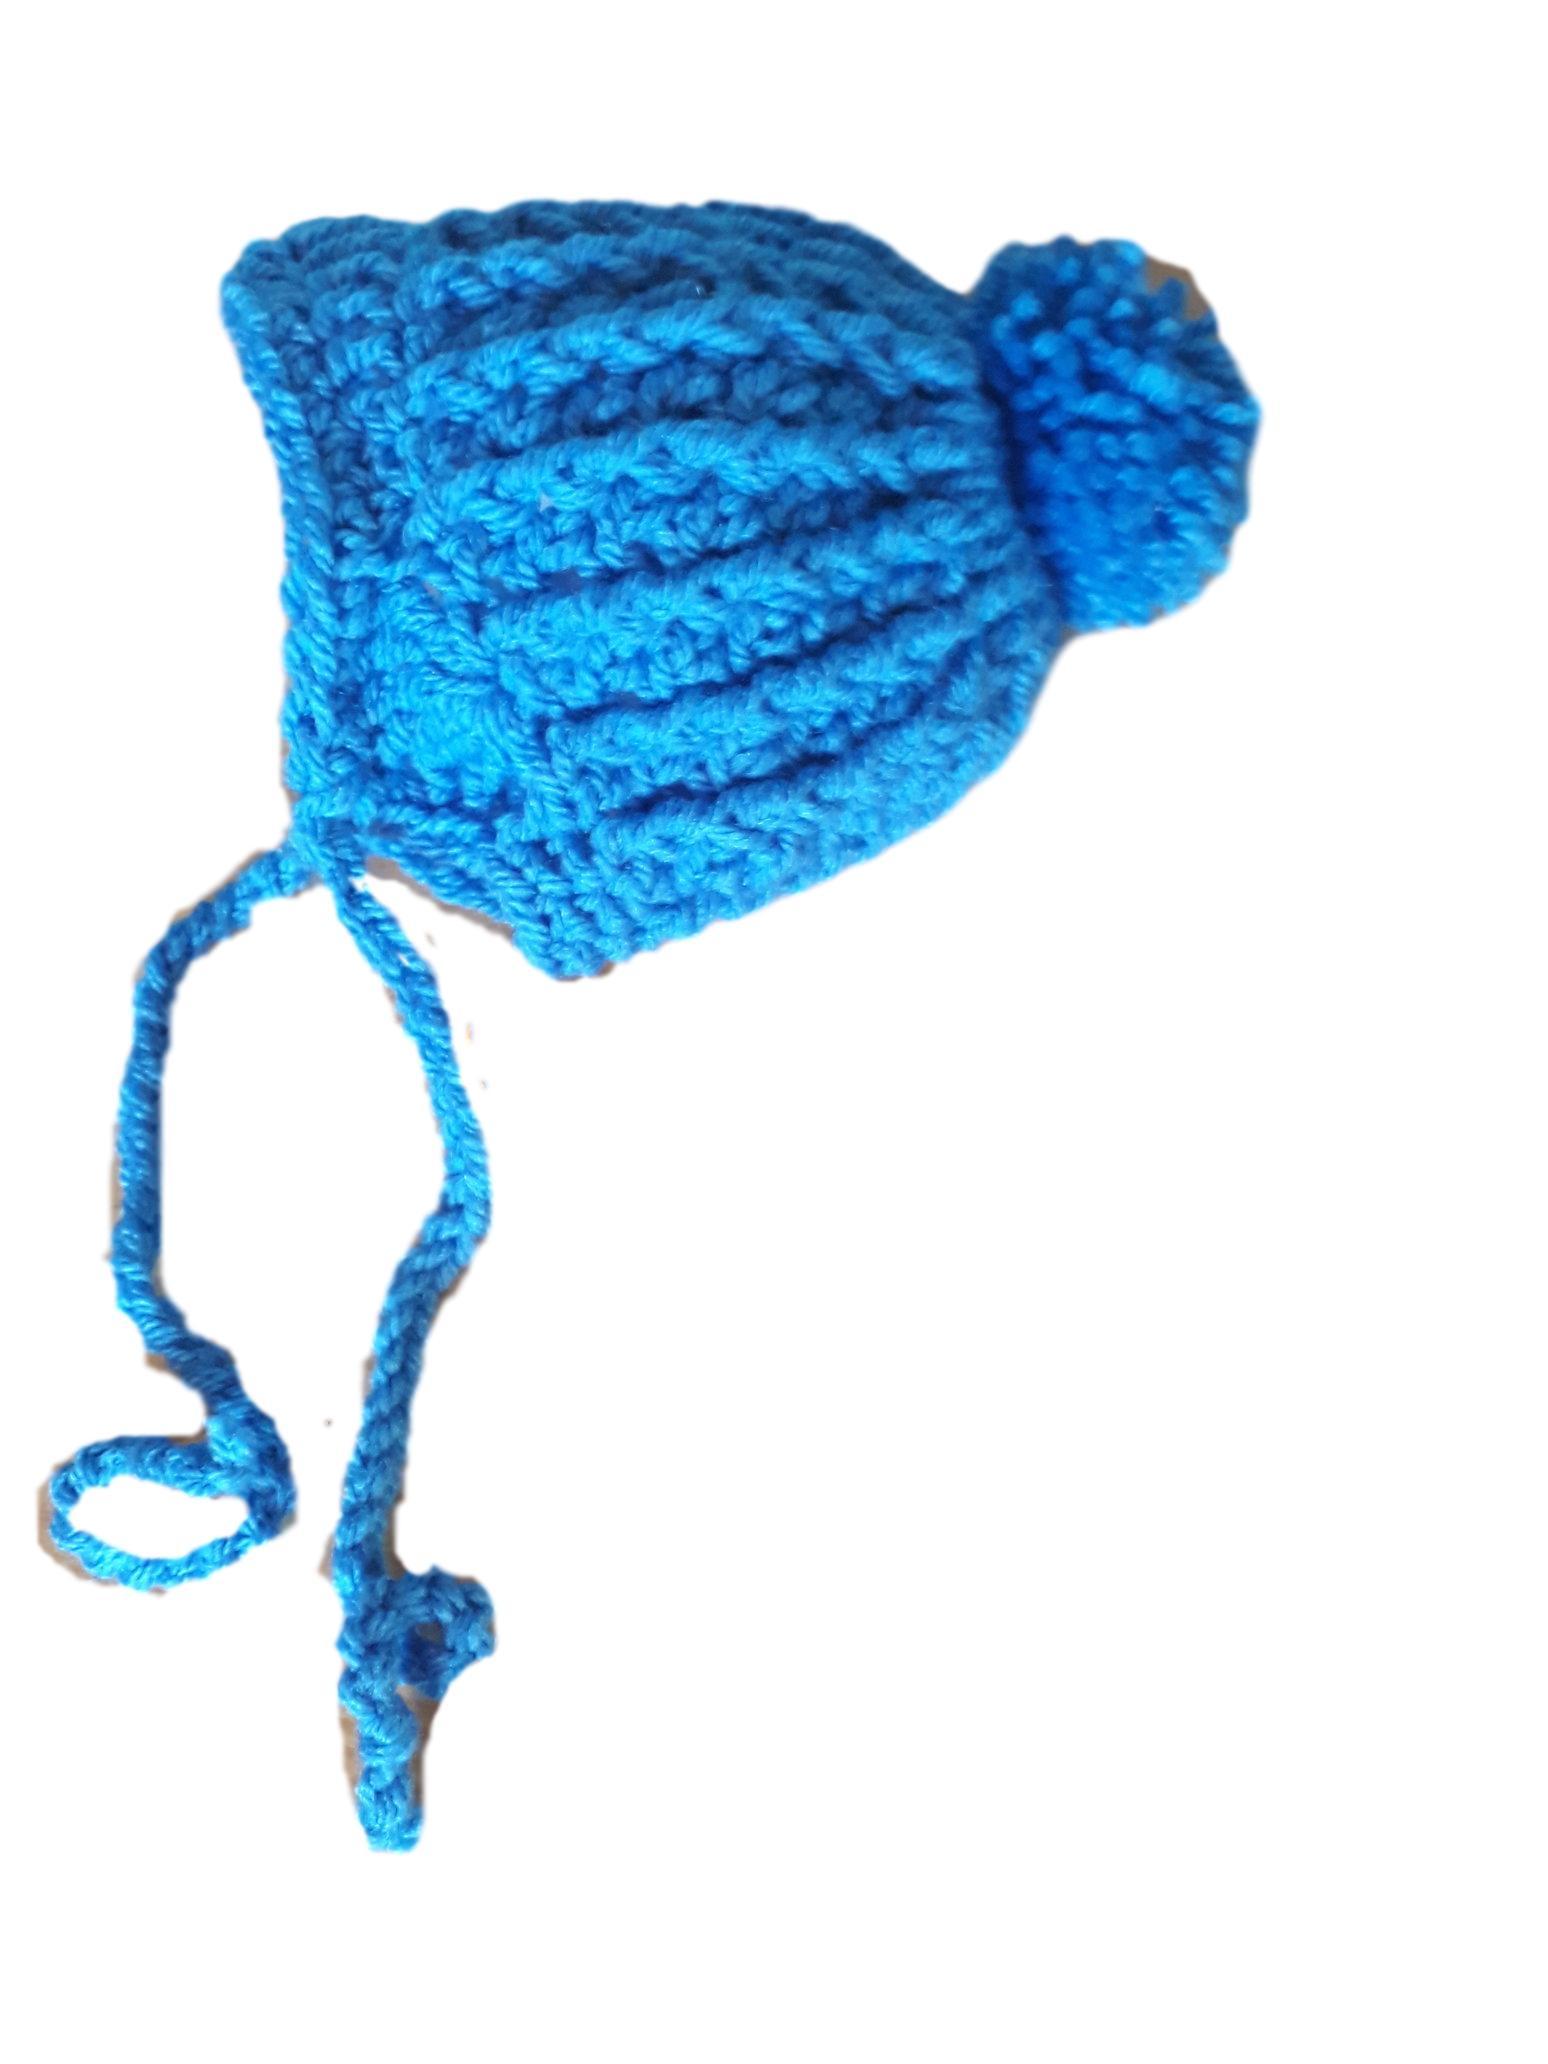 boys premature baby clothes Crochet hat RICH ROYAL blue 3-5lb size